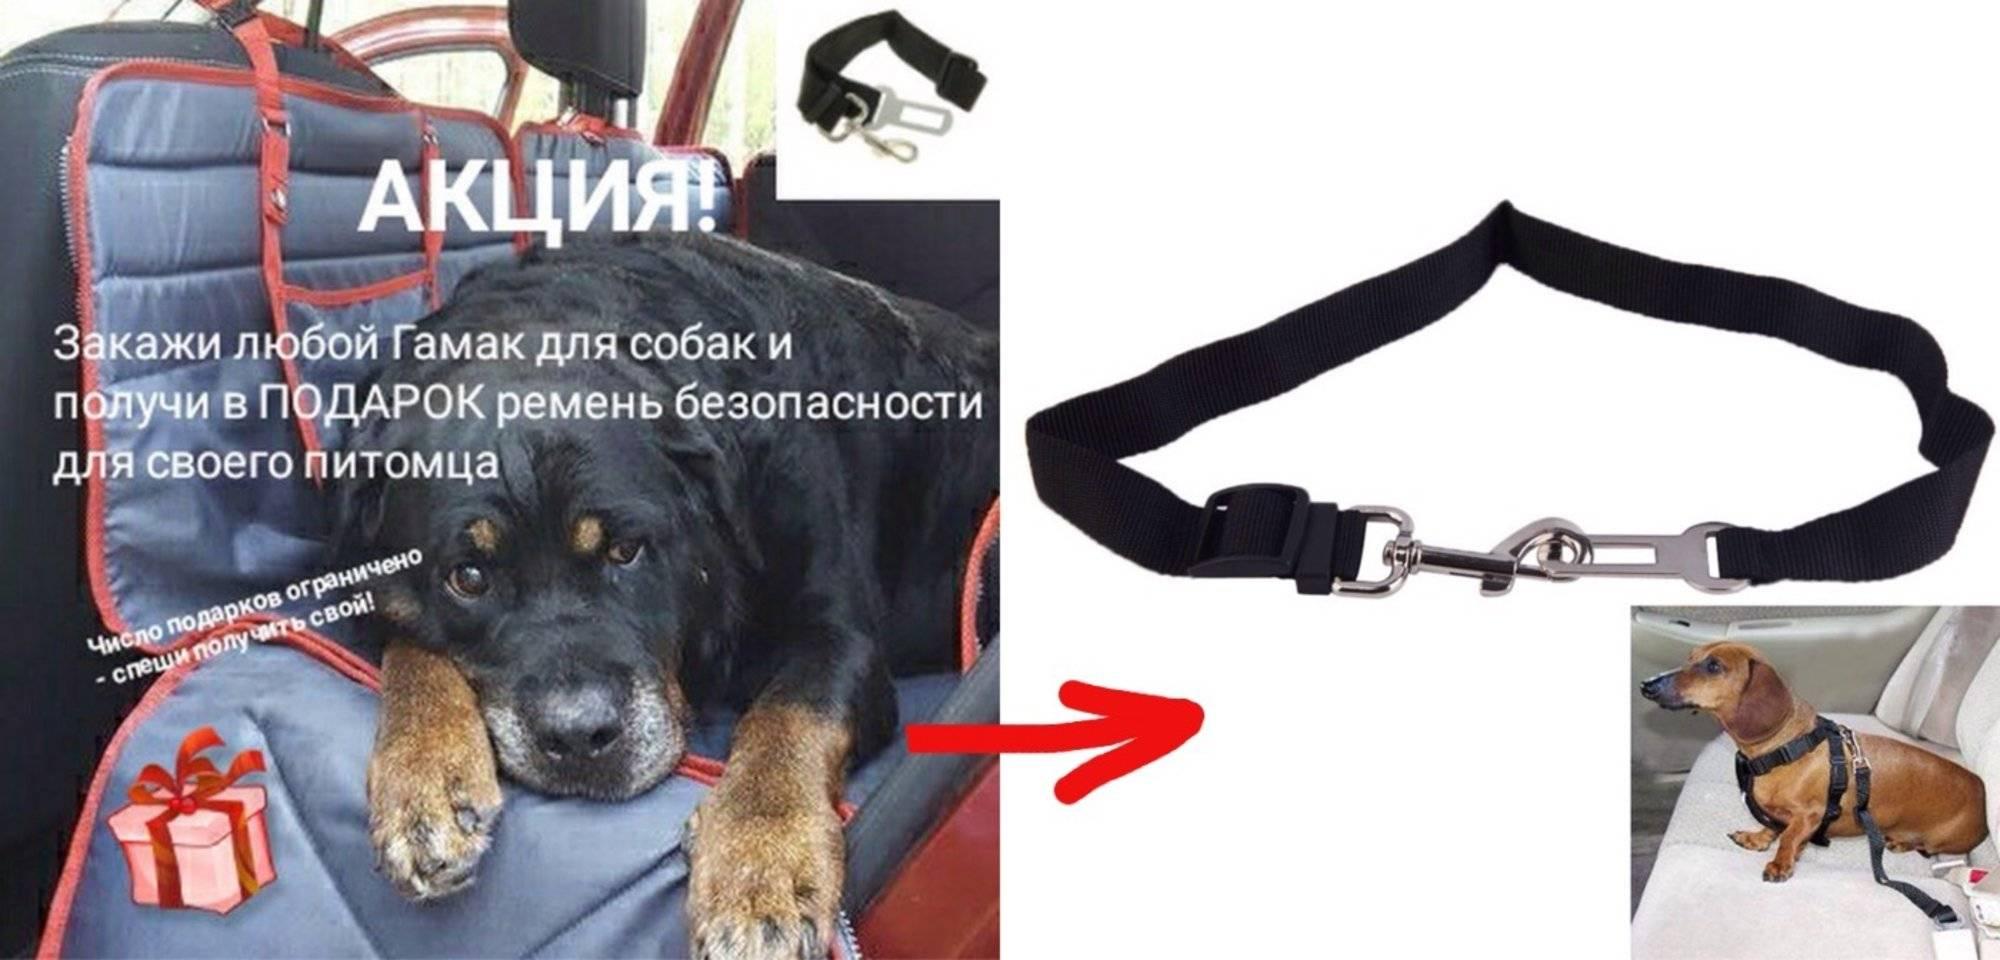 Как сшить автогамак для собаки самим